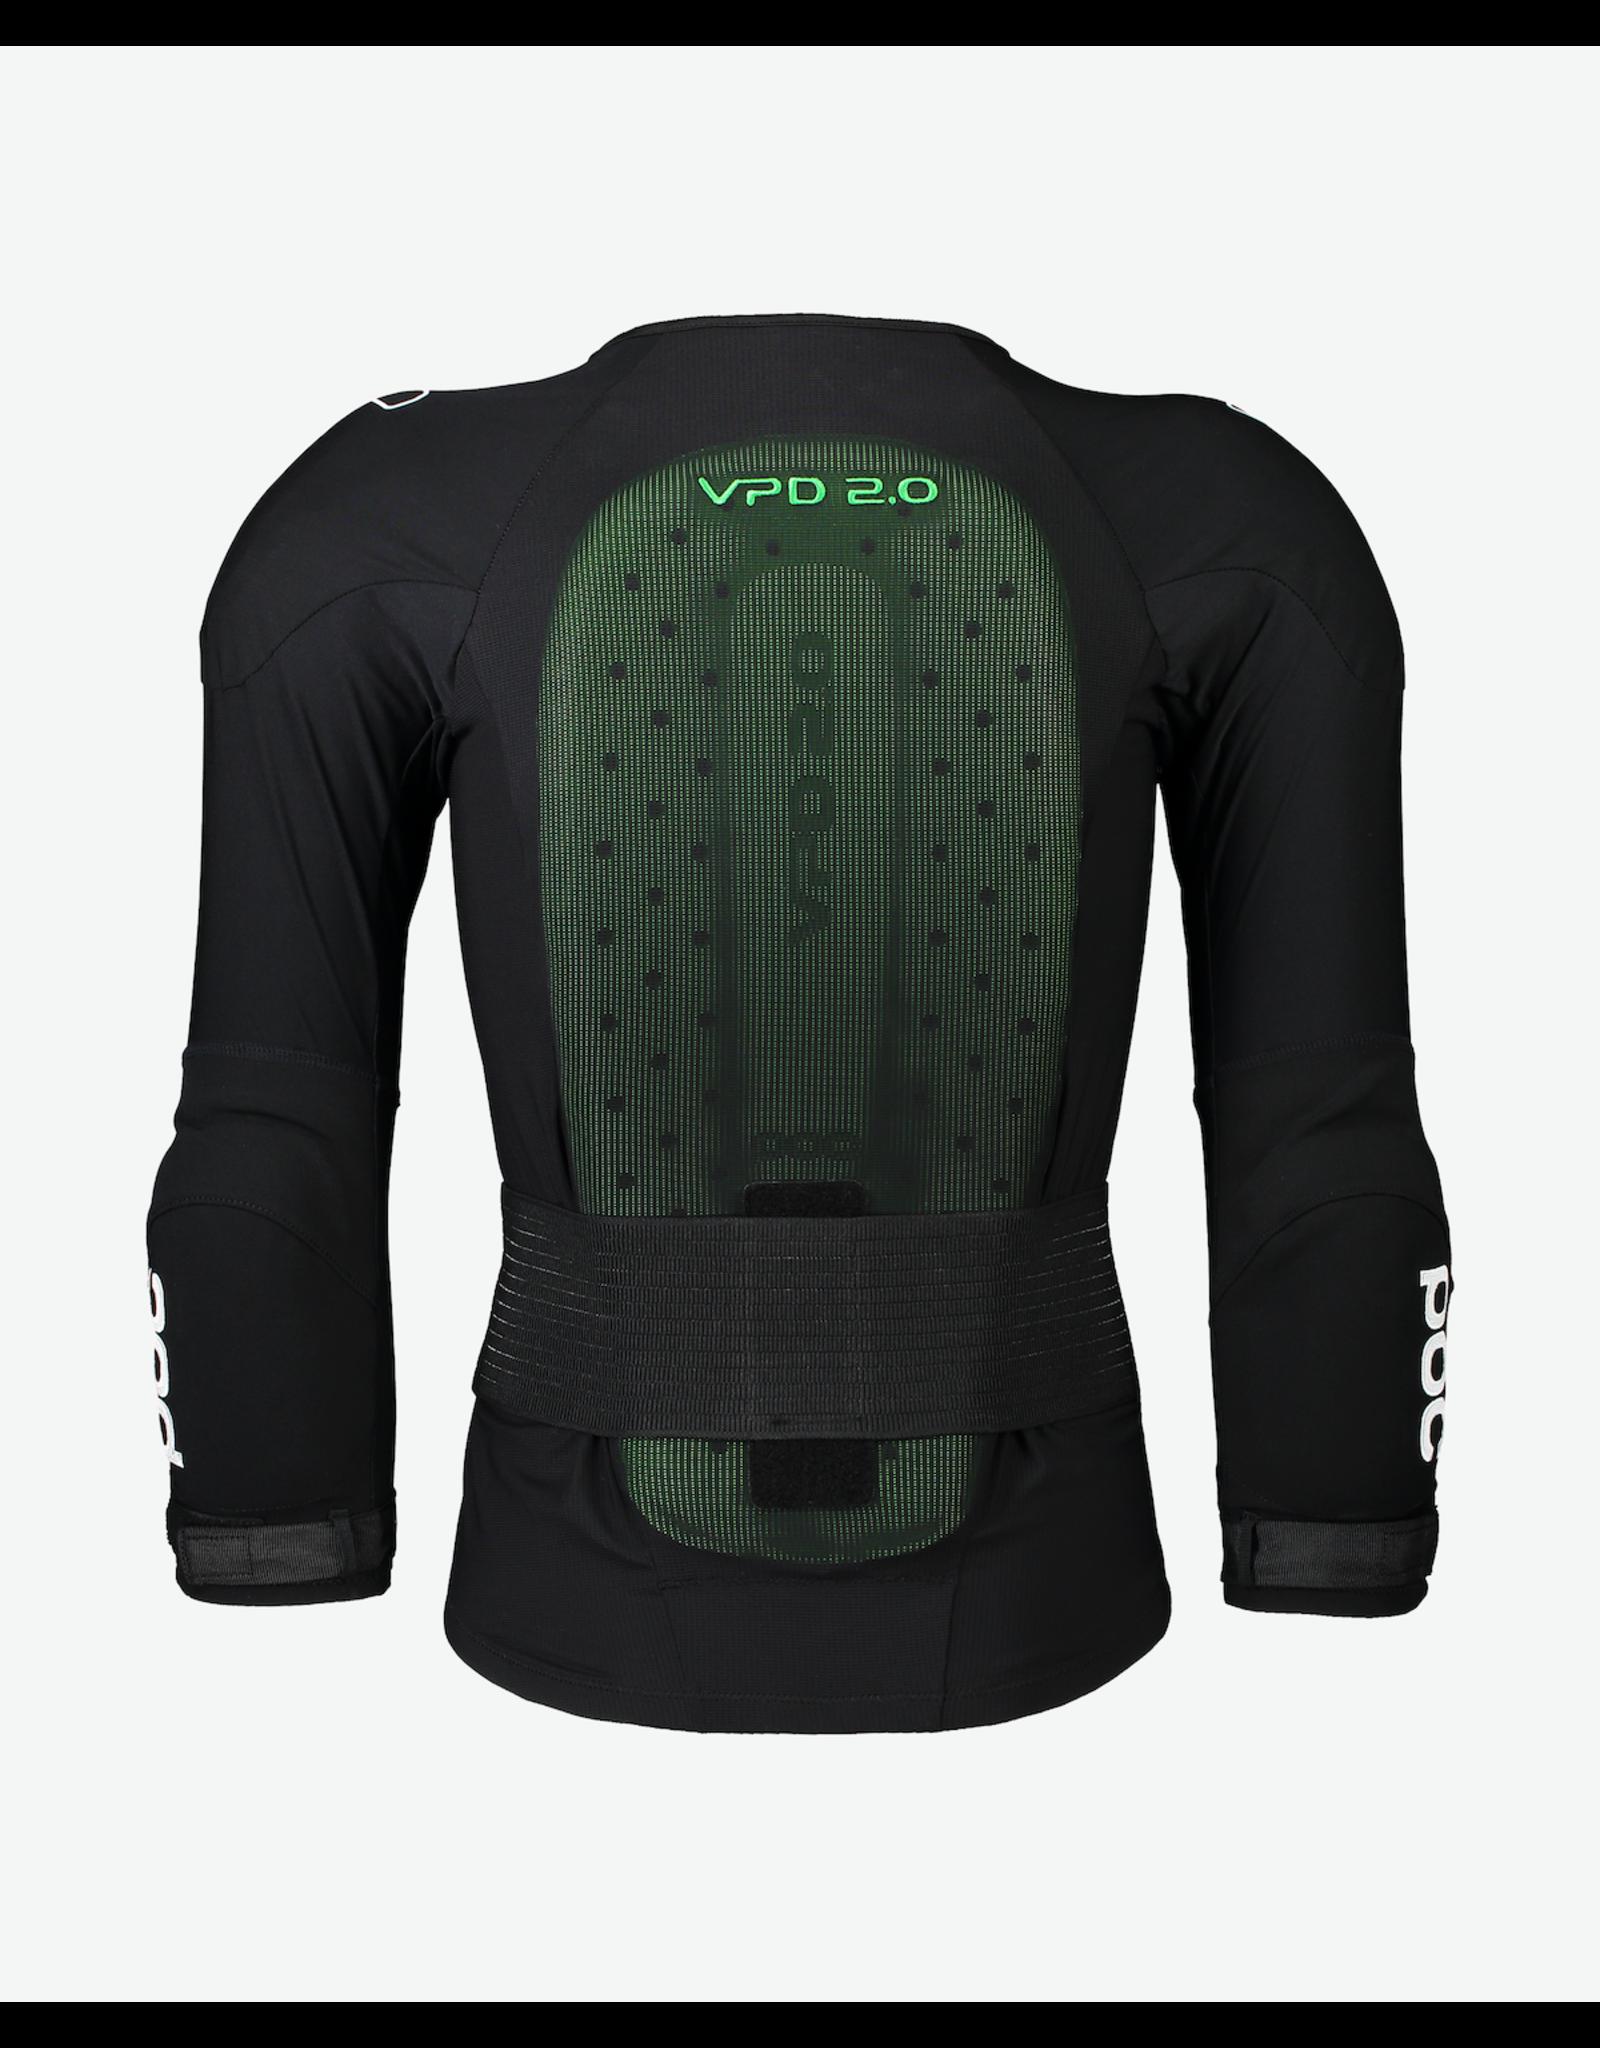 POC POC Spine VPD 2.0 Jacket